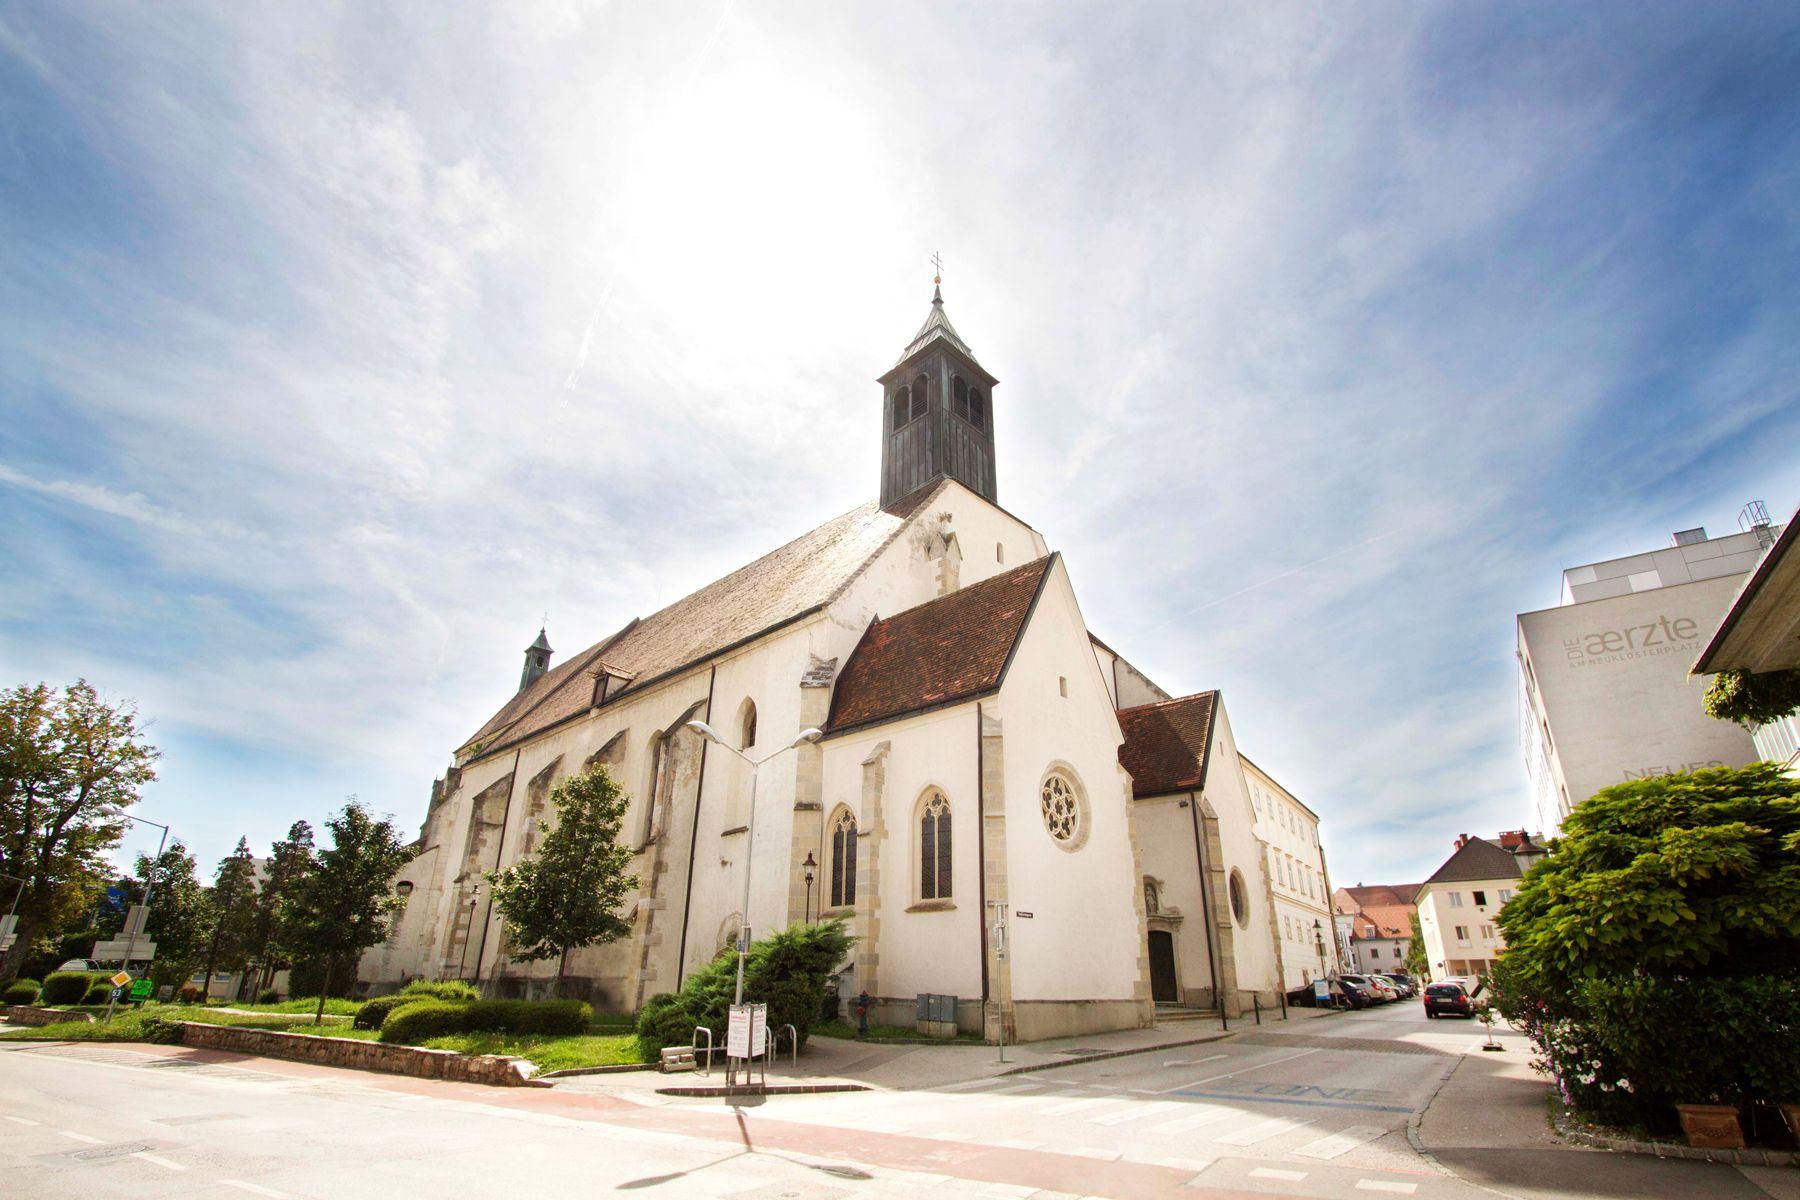 Wiener Neustadt Neukloster c Stadt Wiener Neustad Weller web